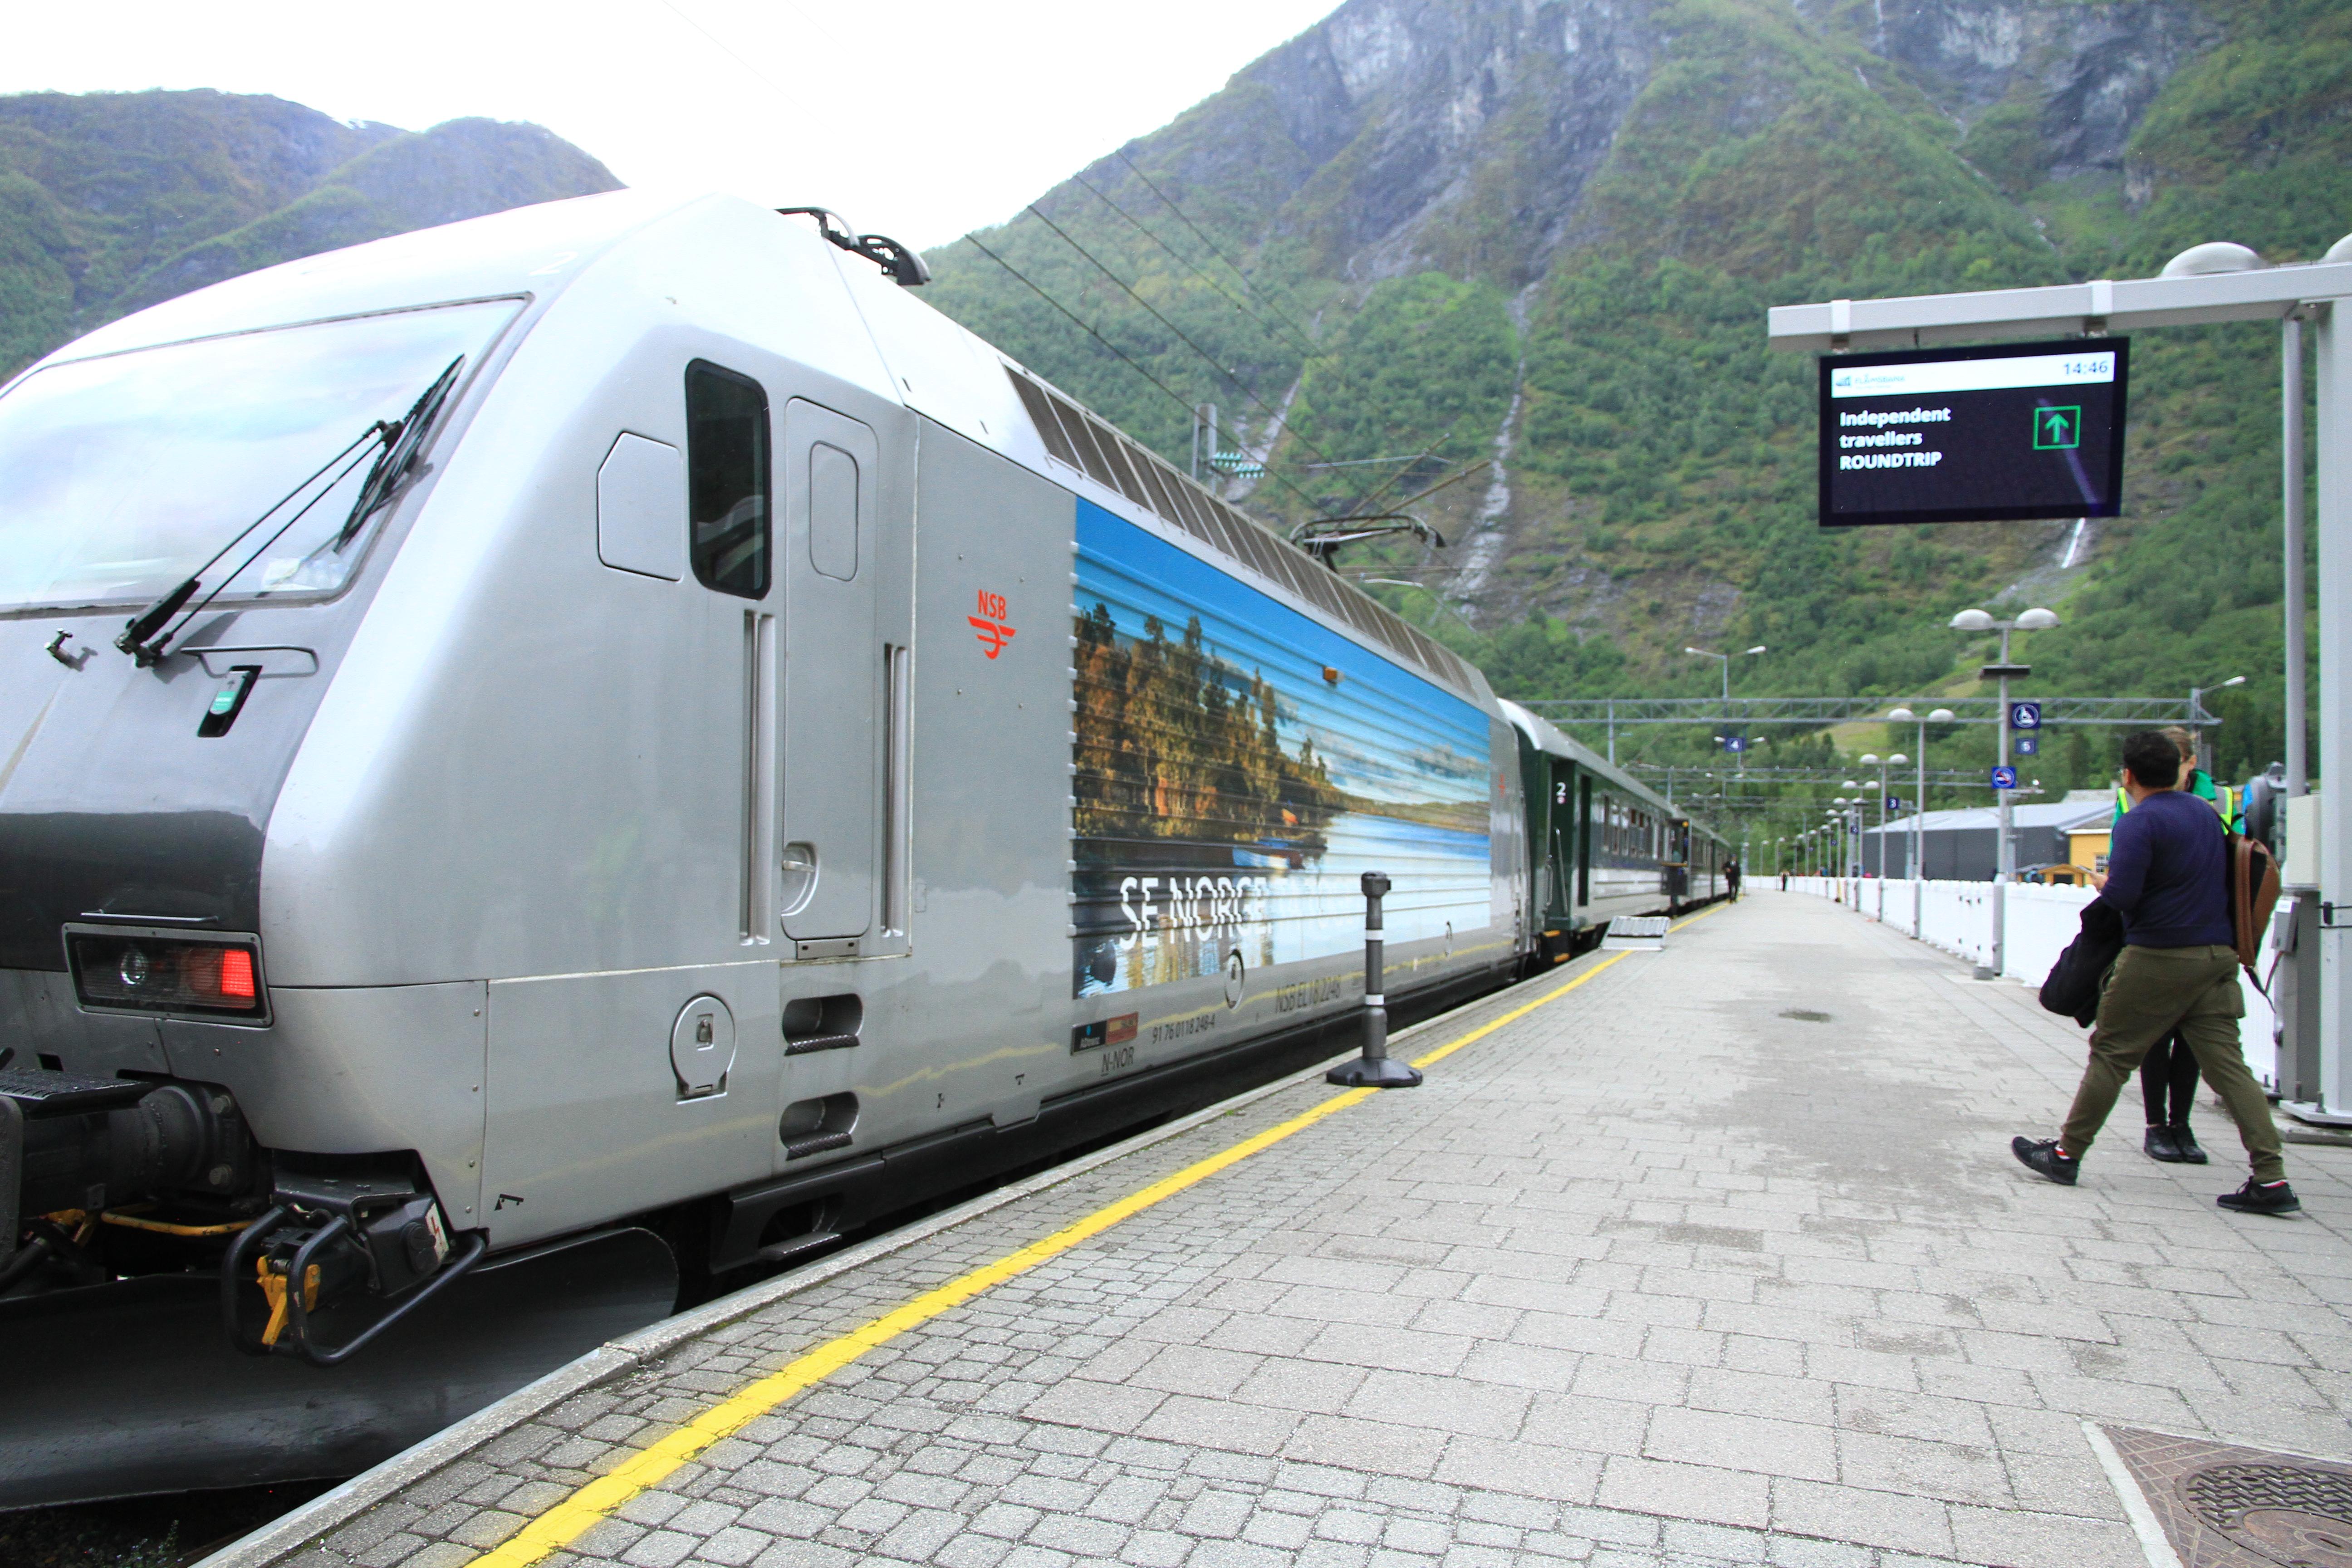 87、挪威:峡湾高山火车